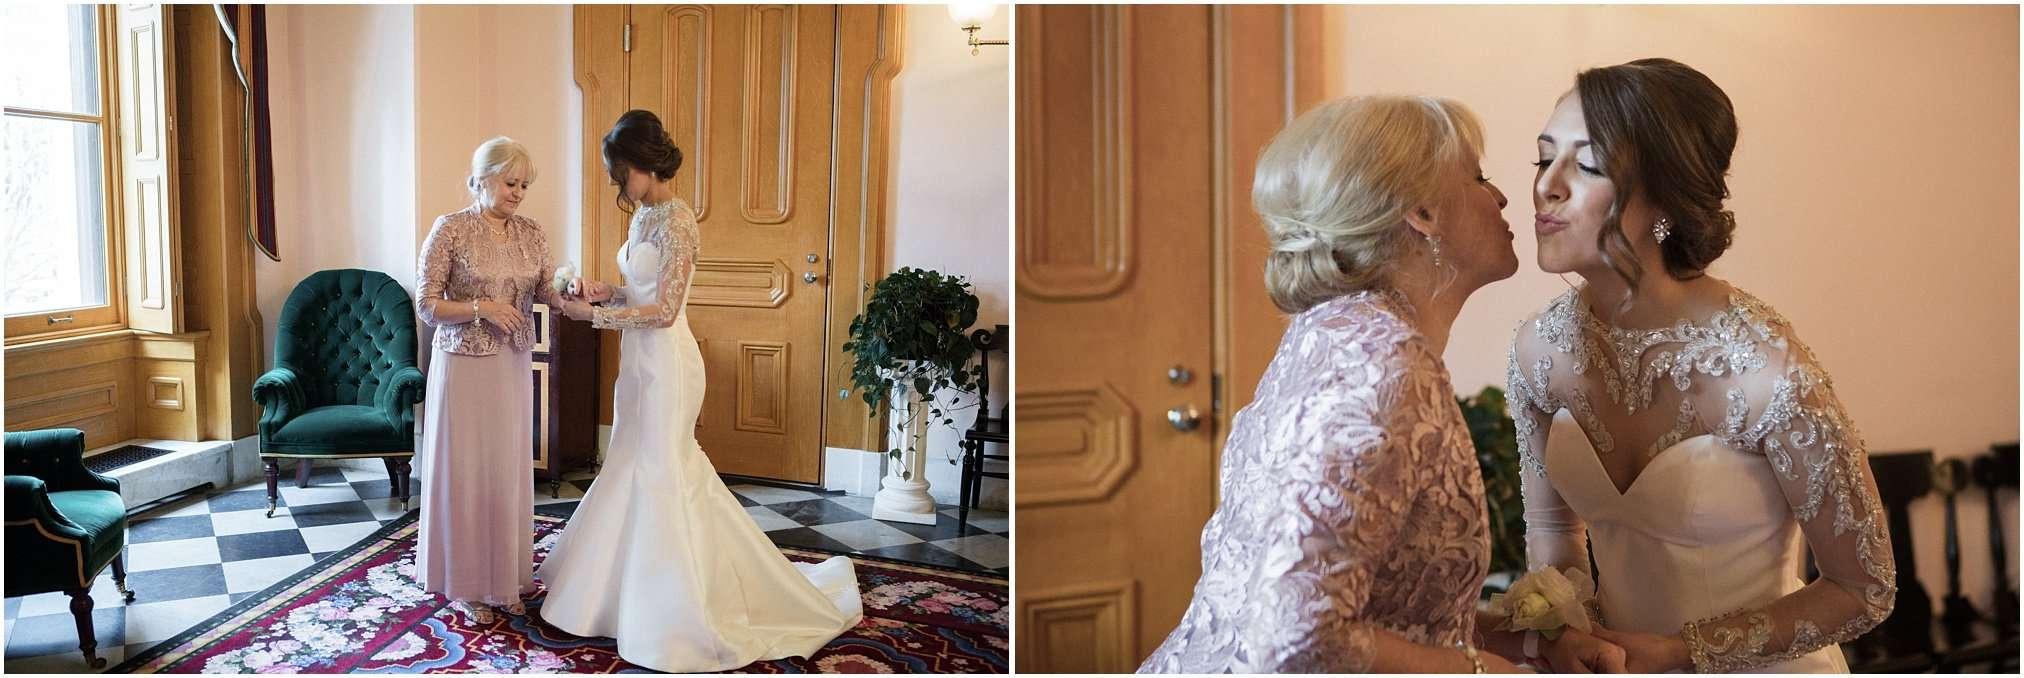 Spring Wedding at the Ohio Statehouse | Columbus Ohio Photography 12